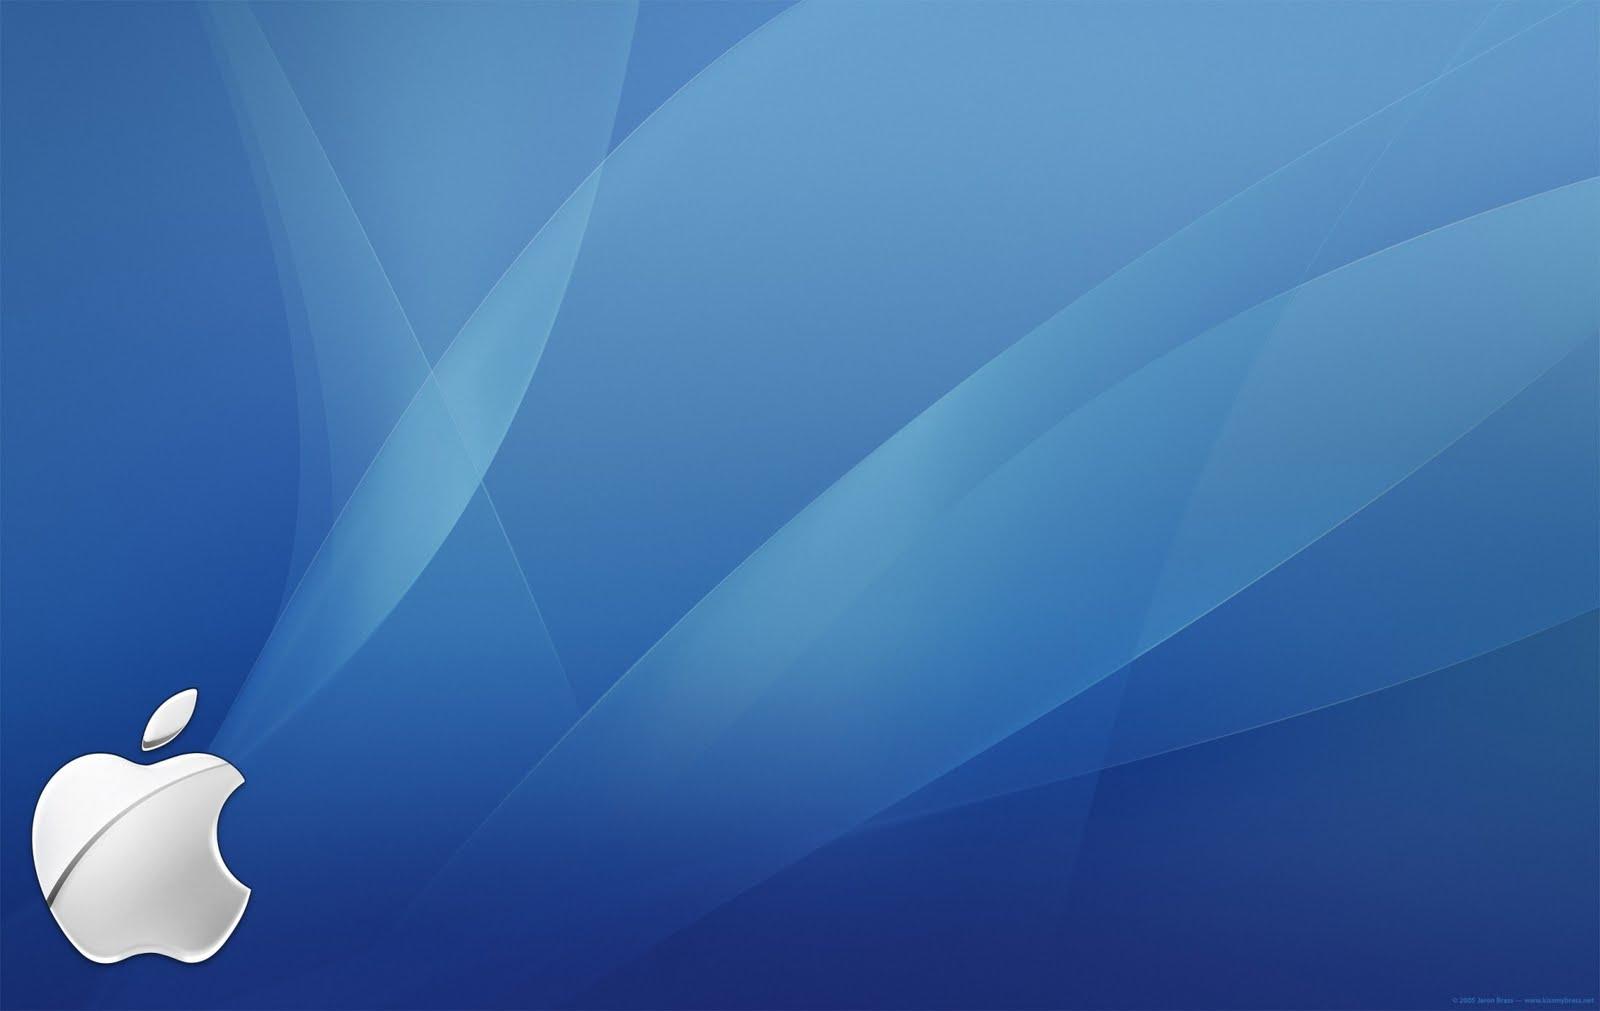 http://3.bp.blogspot.com/_4zTzx8QBOi8/TK8cApBrucI/AAAAAAAACl0/hZDSmRjhrNU/s1600/apple_aqua_1900x1200-786655.jpg